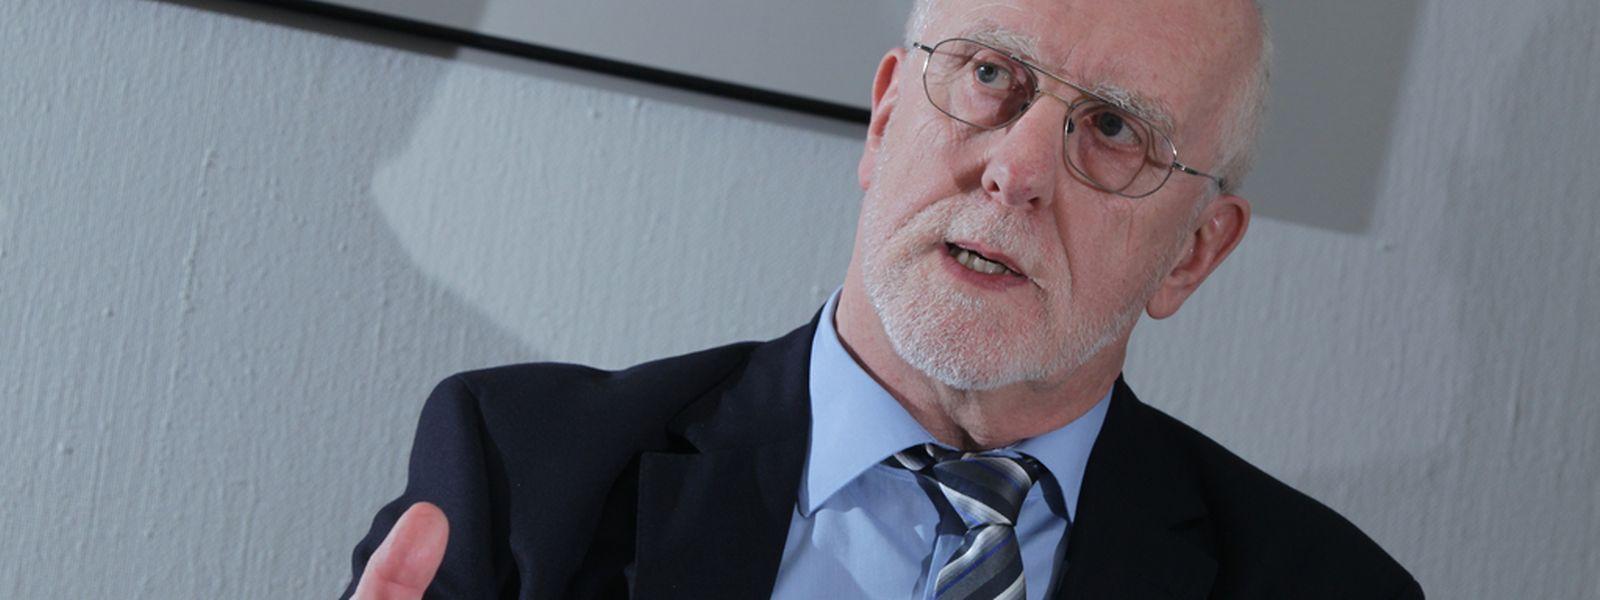 Laut Jürgen Kentenich, Vorsteher des Finanzamtes Trier, geht es bei Selbstanzeigen deutlich häufiger um Luxemburger als um Schweizer Konten.